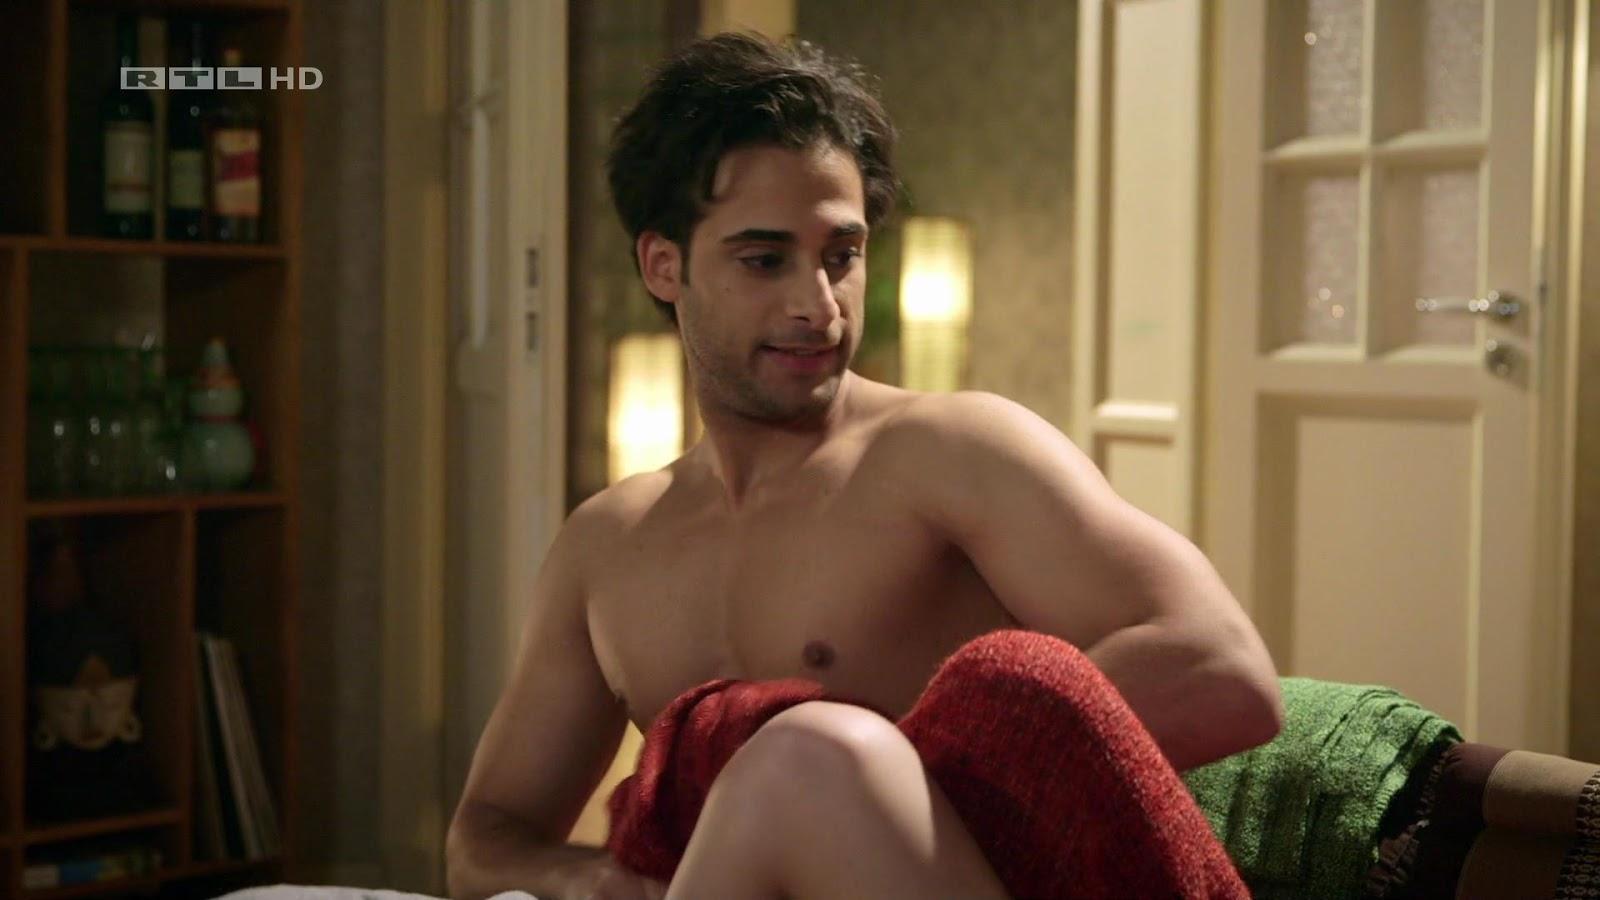 Karim Nude 43